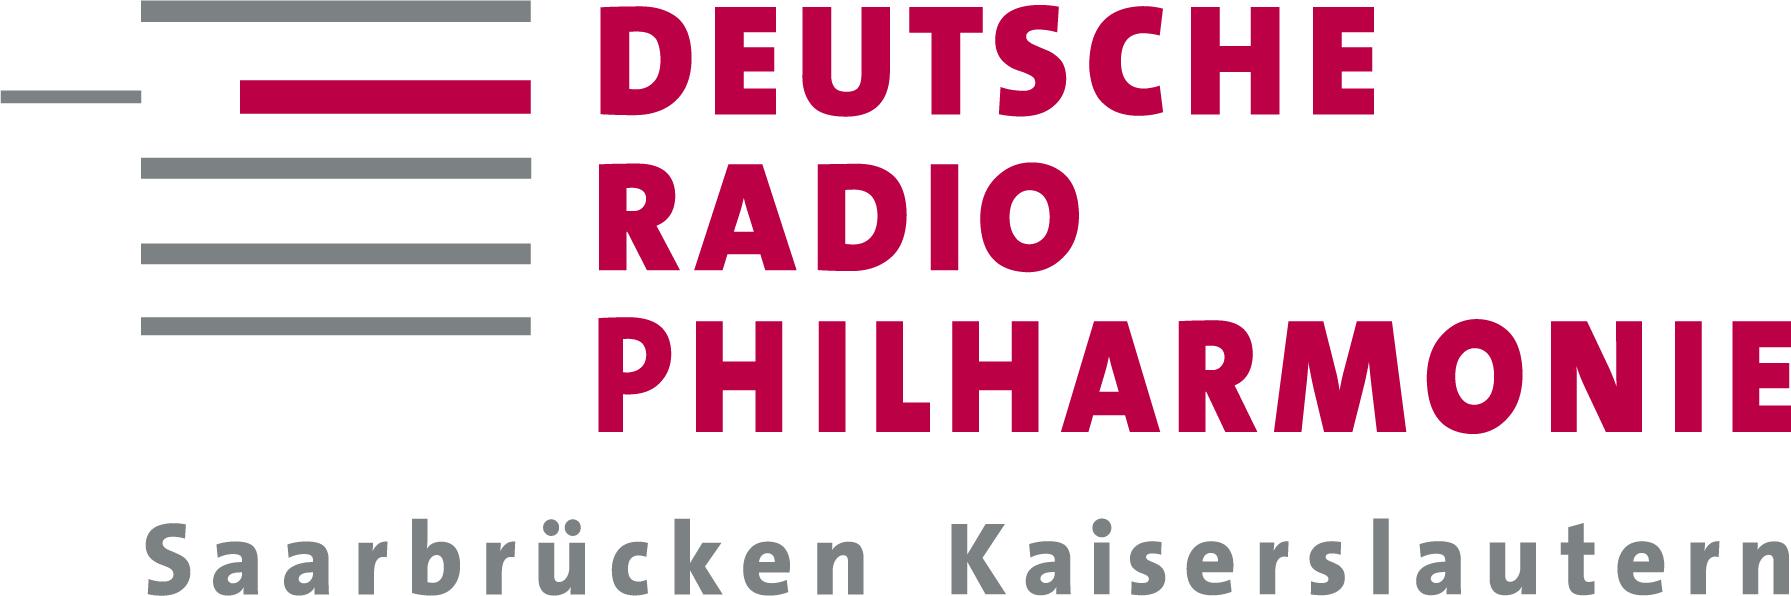 Musikwissenschaftler/Musikwissenschaftlerin (m/w/d) gesucht - Saarländischer Rundfunk - Logo